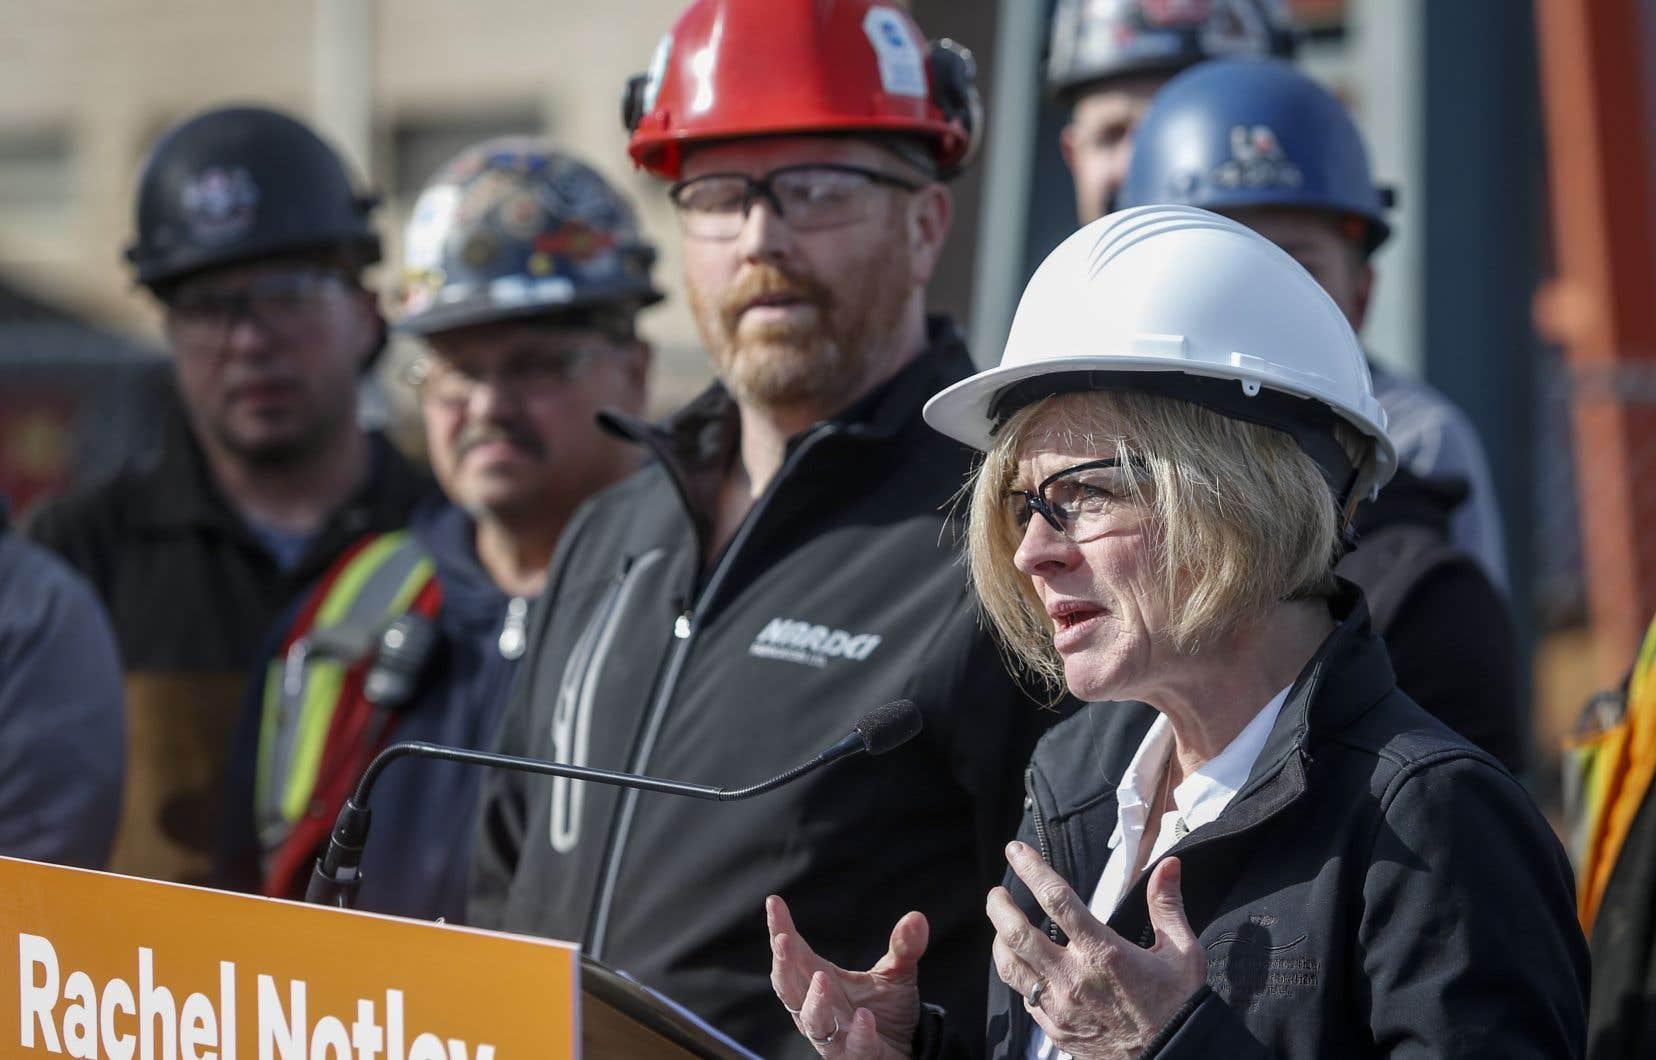 Mme Notley deviendra soit la première ministre néo-démocrate de l'Alberta à être réélue, soit la première chef de la province à ne pas obtenir un deuxième mandat à sa première tentative.